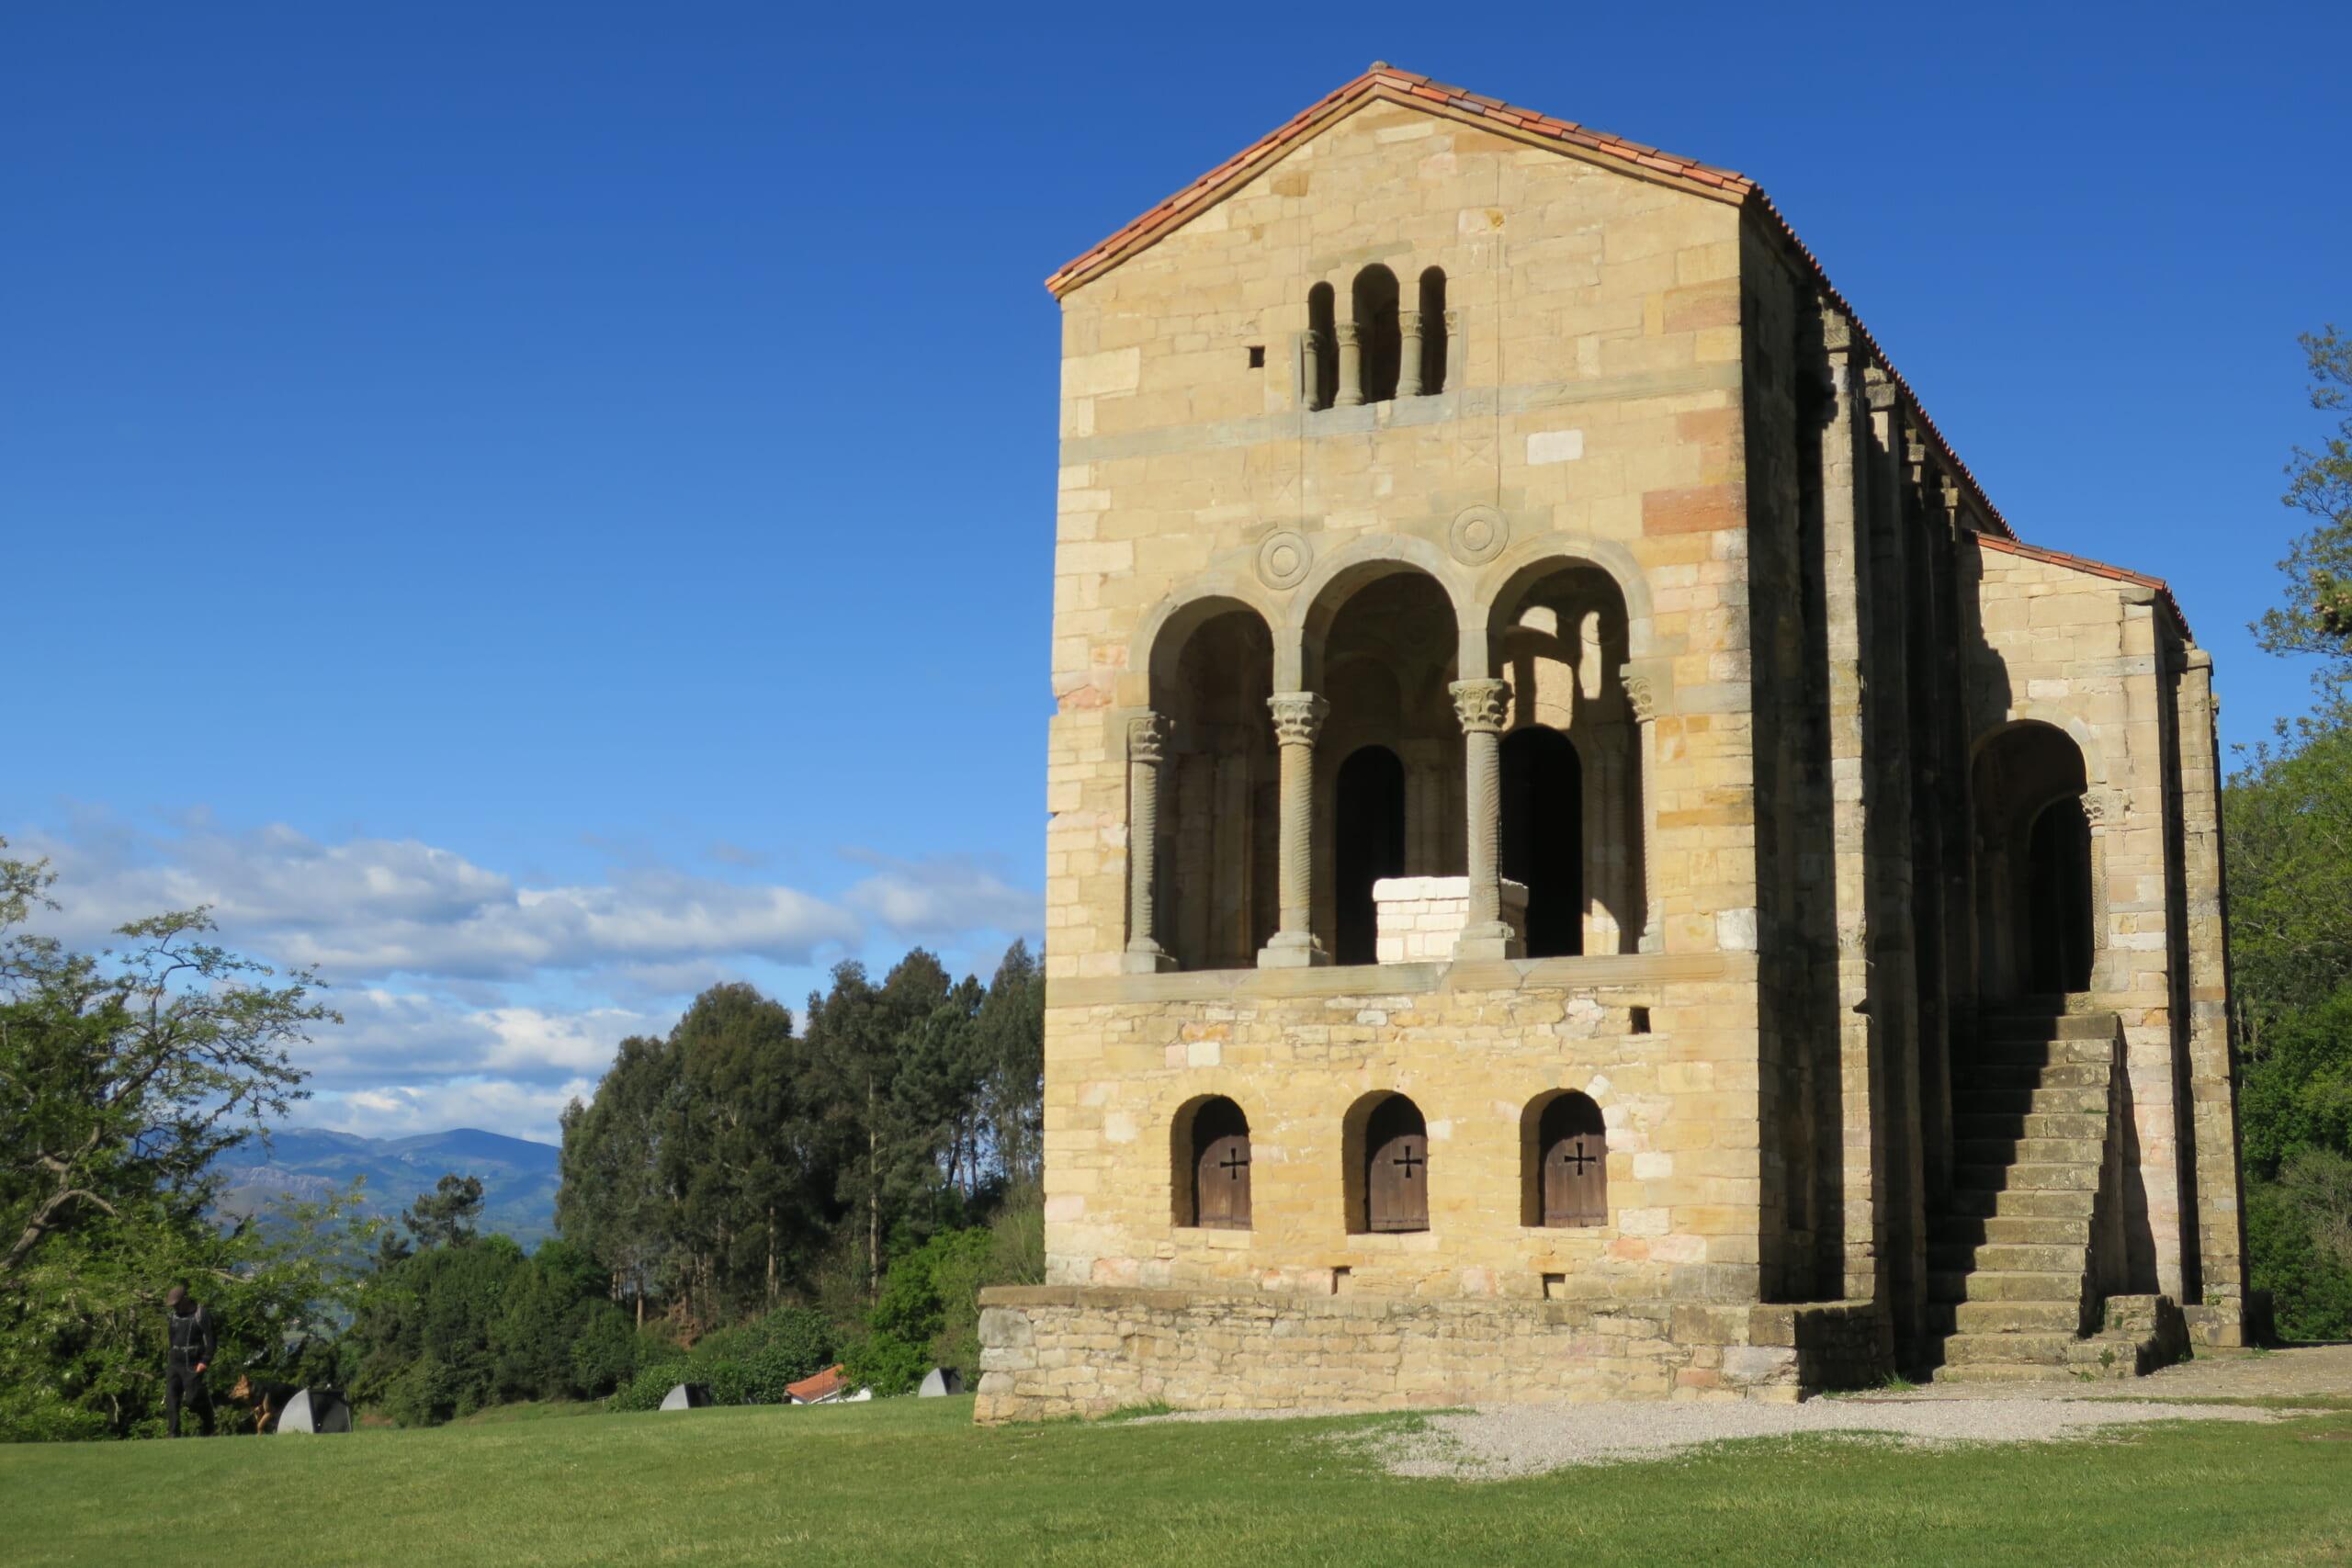 北スペインの観光スポットであるアストゥリアスのプレロマネスク建築